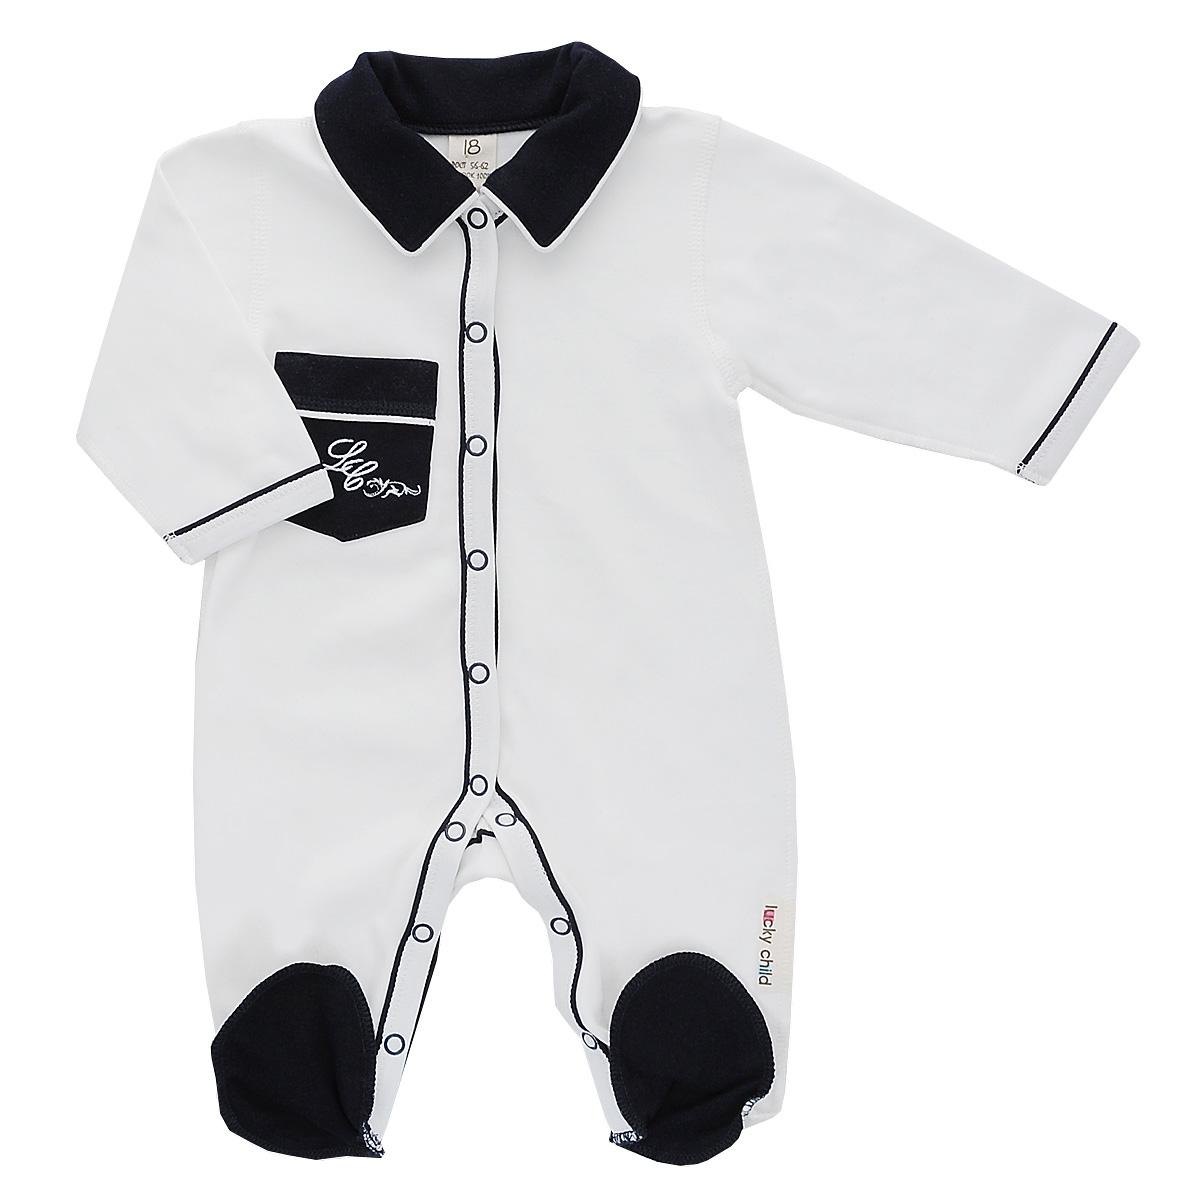 Комбинезон для мальчика Lucky Child, цвет: молочный. 20-1. Размер 74/8020-1Детский комбинезон Lucky Child - очень удобный и практичный вид одежды для малышей. Комбинезон выполнен из натурального хлопка, благодаря чему он необычайно мягкий и приятный на ощупь, не раздражает нежную кожу ребенка и хорошо вентилируется, а плоские швы приятны телу ребенка и не препятствуют его движениям.Комбинезон с длинными рукавами, отложным воротничком и закрытыми ножками, выполнен швами наружу. Он застегивается на кнопки от горловины до щиколоток, благодаря чему переодеть младенца или сменить подгузник будет легко.Низ рукавов и планка с кнопками дополнены контрастными вставками. Спереди на комбинезоне имеется накладной кармашек, декорированный вышивкой. Воротник выполнен в контрастном цвете.С детским комбинезоном спинка и ножки вашего ребенка всегда будут в тепле, он идеален для использования днем и незаменим ночью. Комбинезон полностью соответствует особенностям жизни младенца в ранний период, не стесняя и не ограничивая его в движениях!